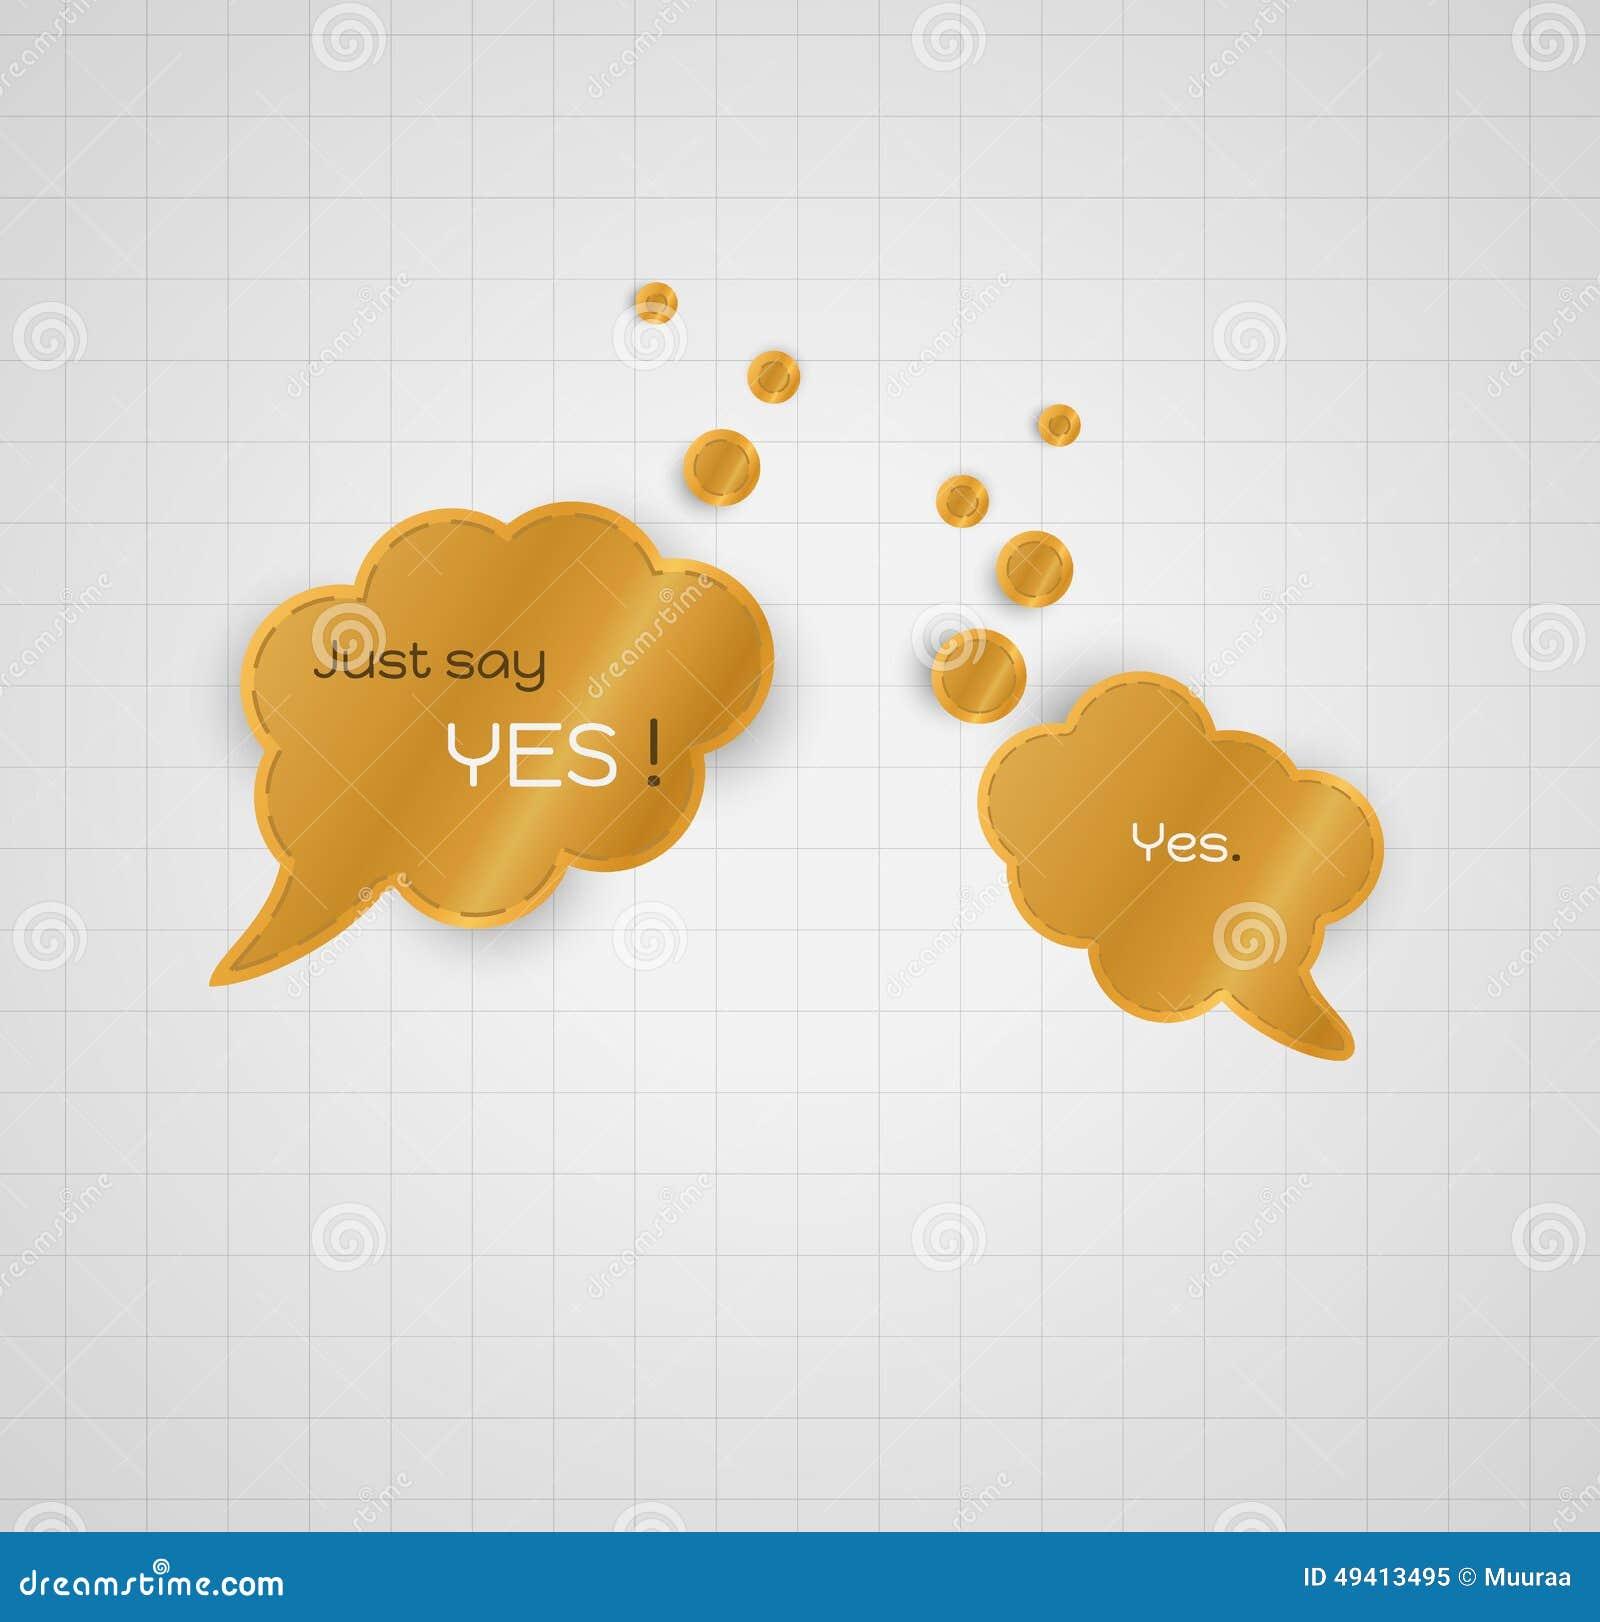 Download Sprechen Sie Blase Mit Gerade Sagen Ja Und Antworten Ja Vektor Abbildung - Illustration von speak, vektor: 49413495